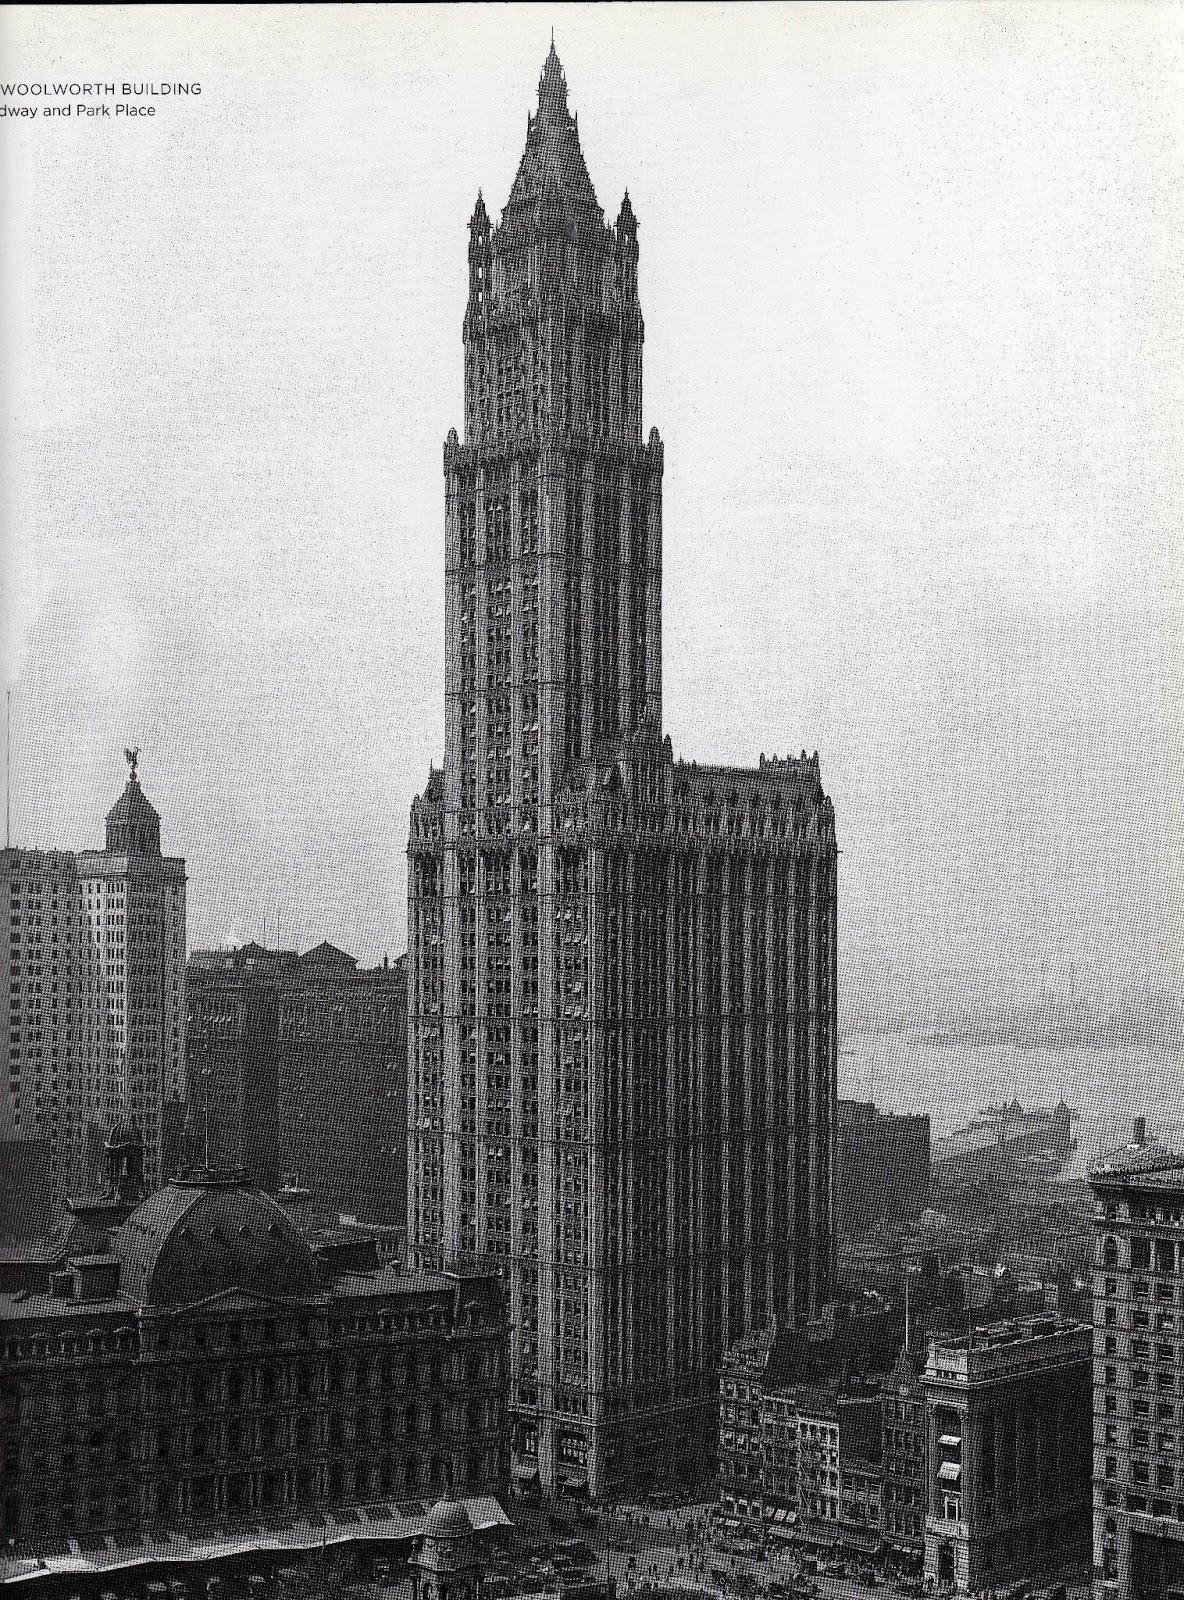 el edificio woolworth y sus alrededores en esta vista tomada hacia el suroeste desde lo alto del edificio municipal a mediados de